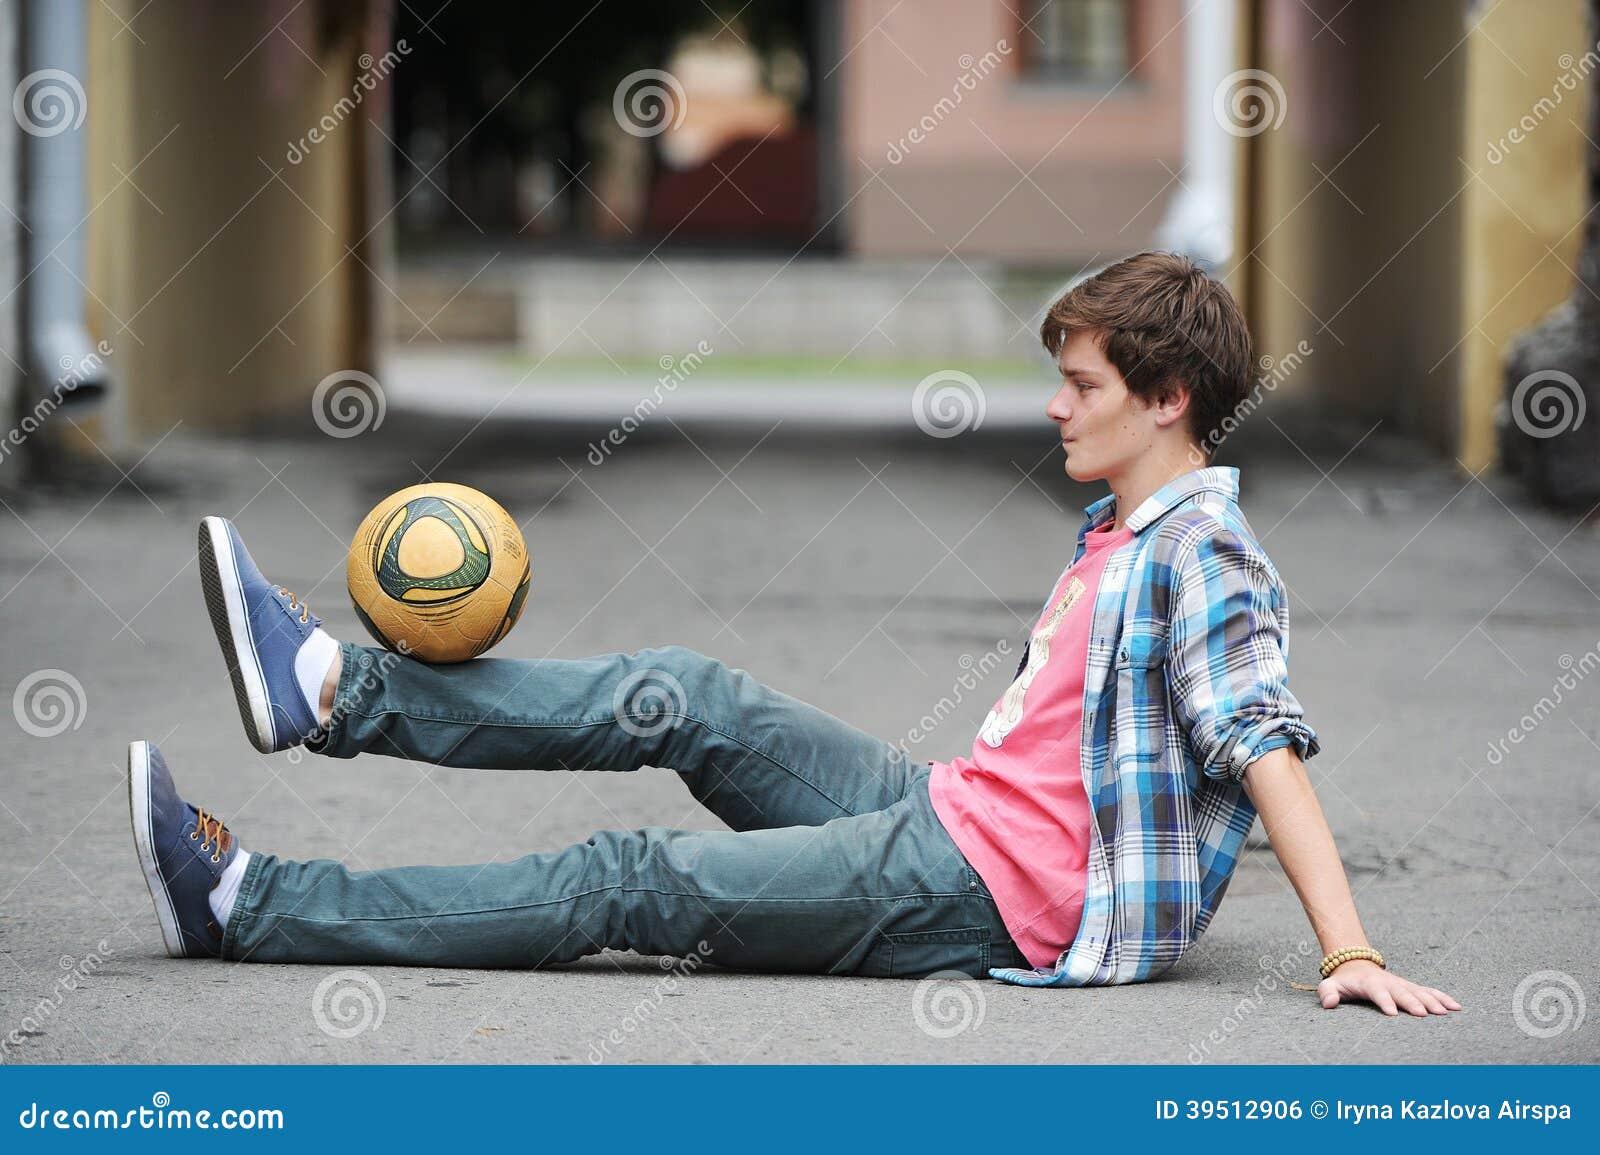 Futbolowy styl wolny